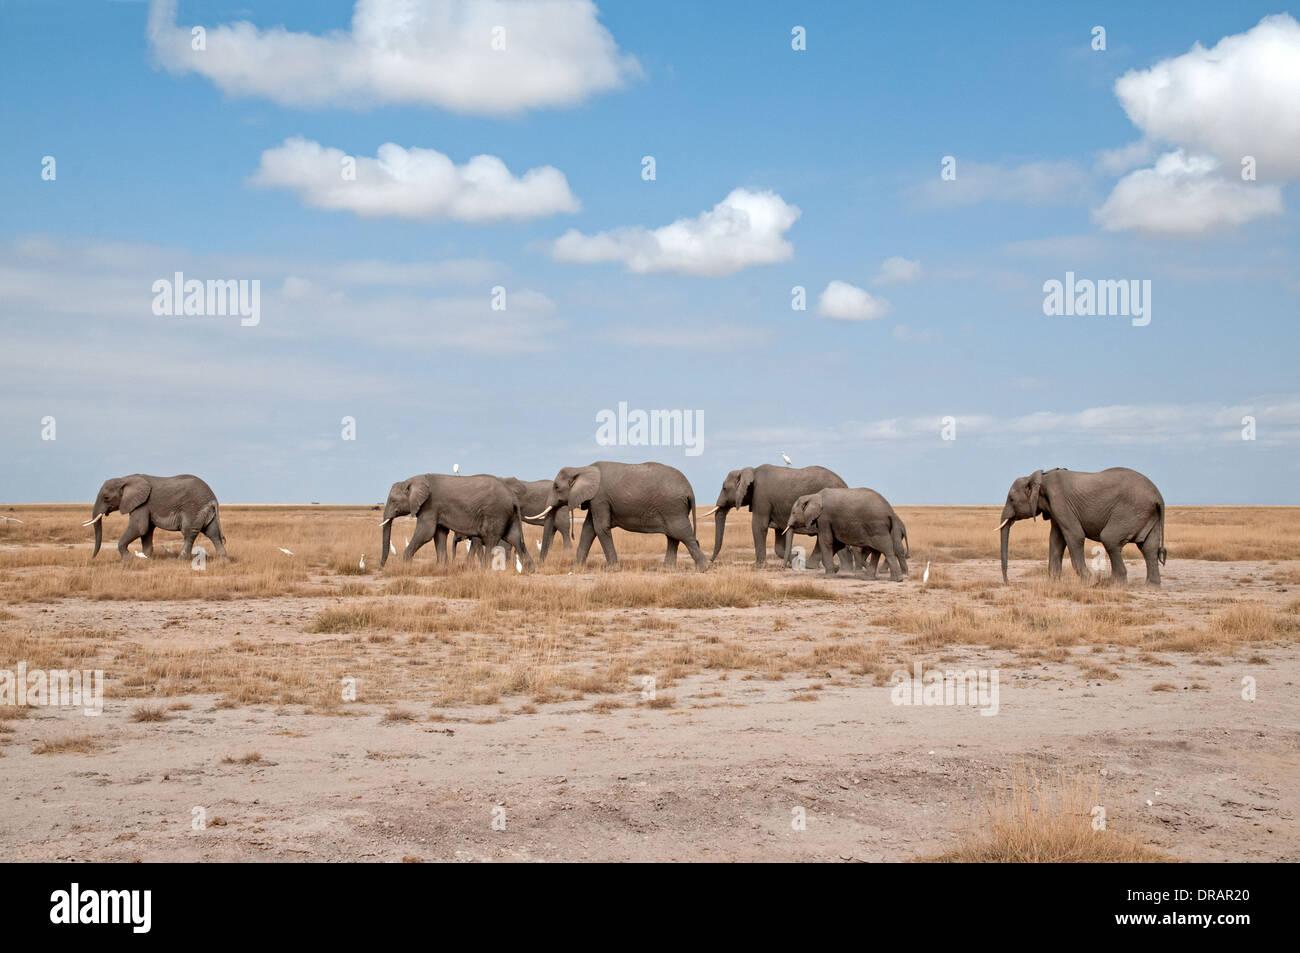 Familie Herde von Erwachsenen weiblichen Elefanten und Waden unterwegs über die Prärie der Amboseli Nationalpark Kenia in Ostafrika Stockbild